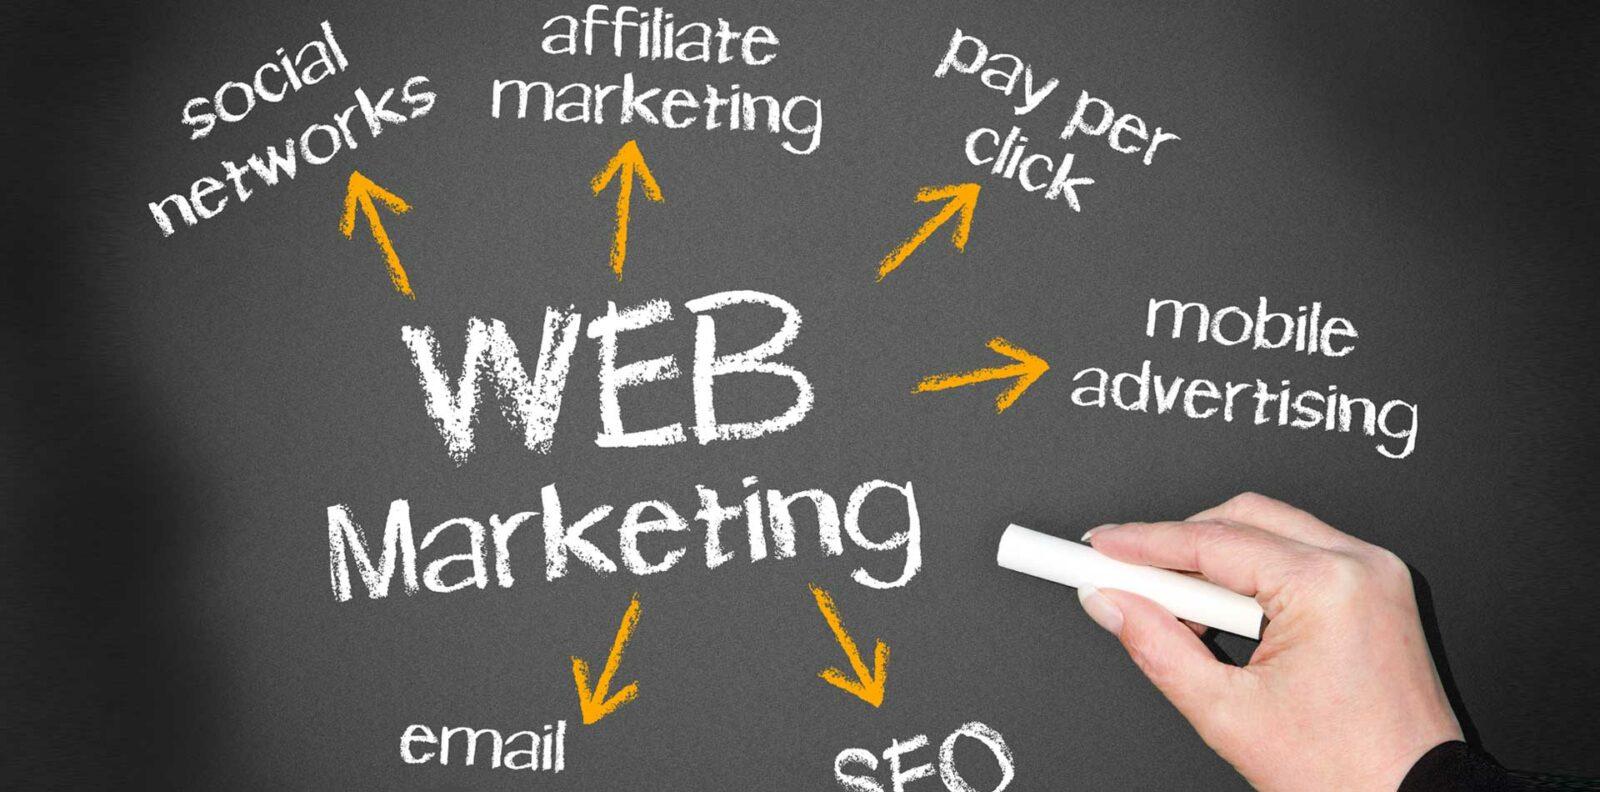 web marketing - Партнерский маркетинг - что это такое и как начать зарабатывать